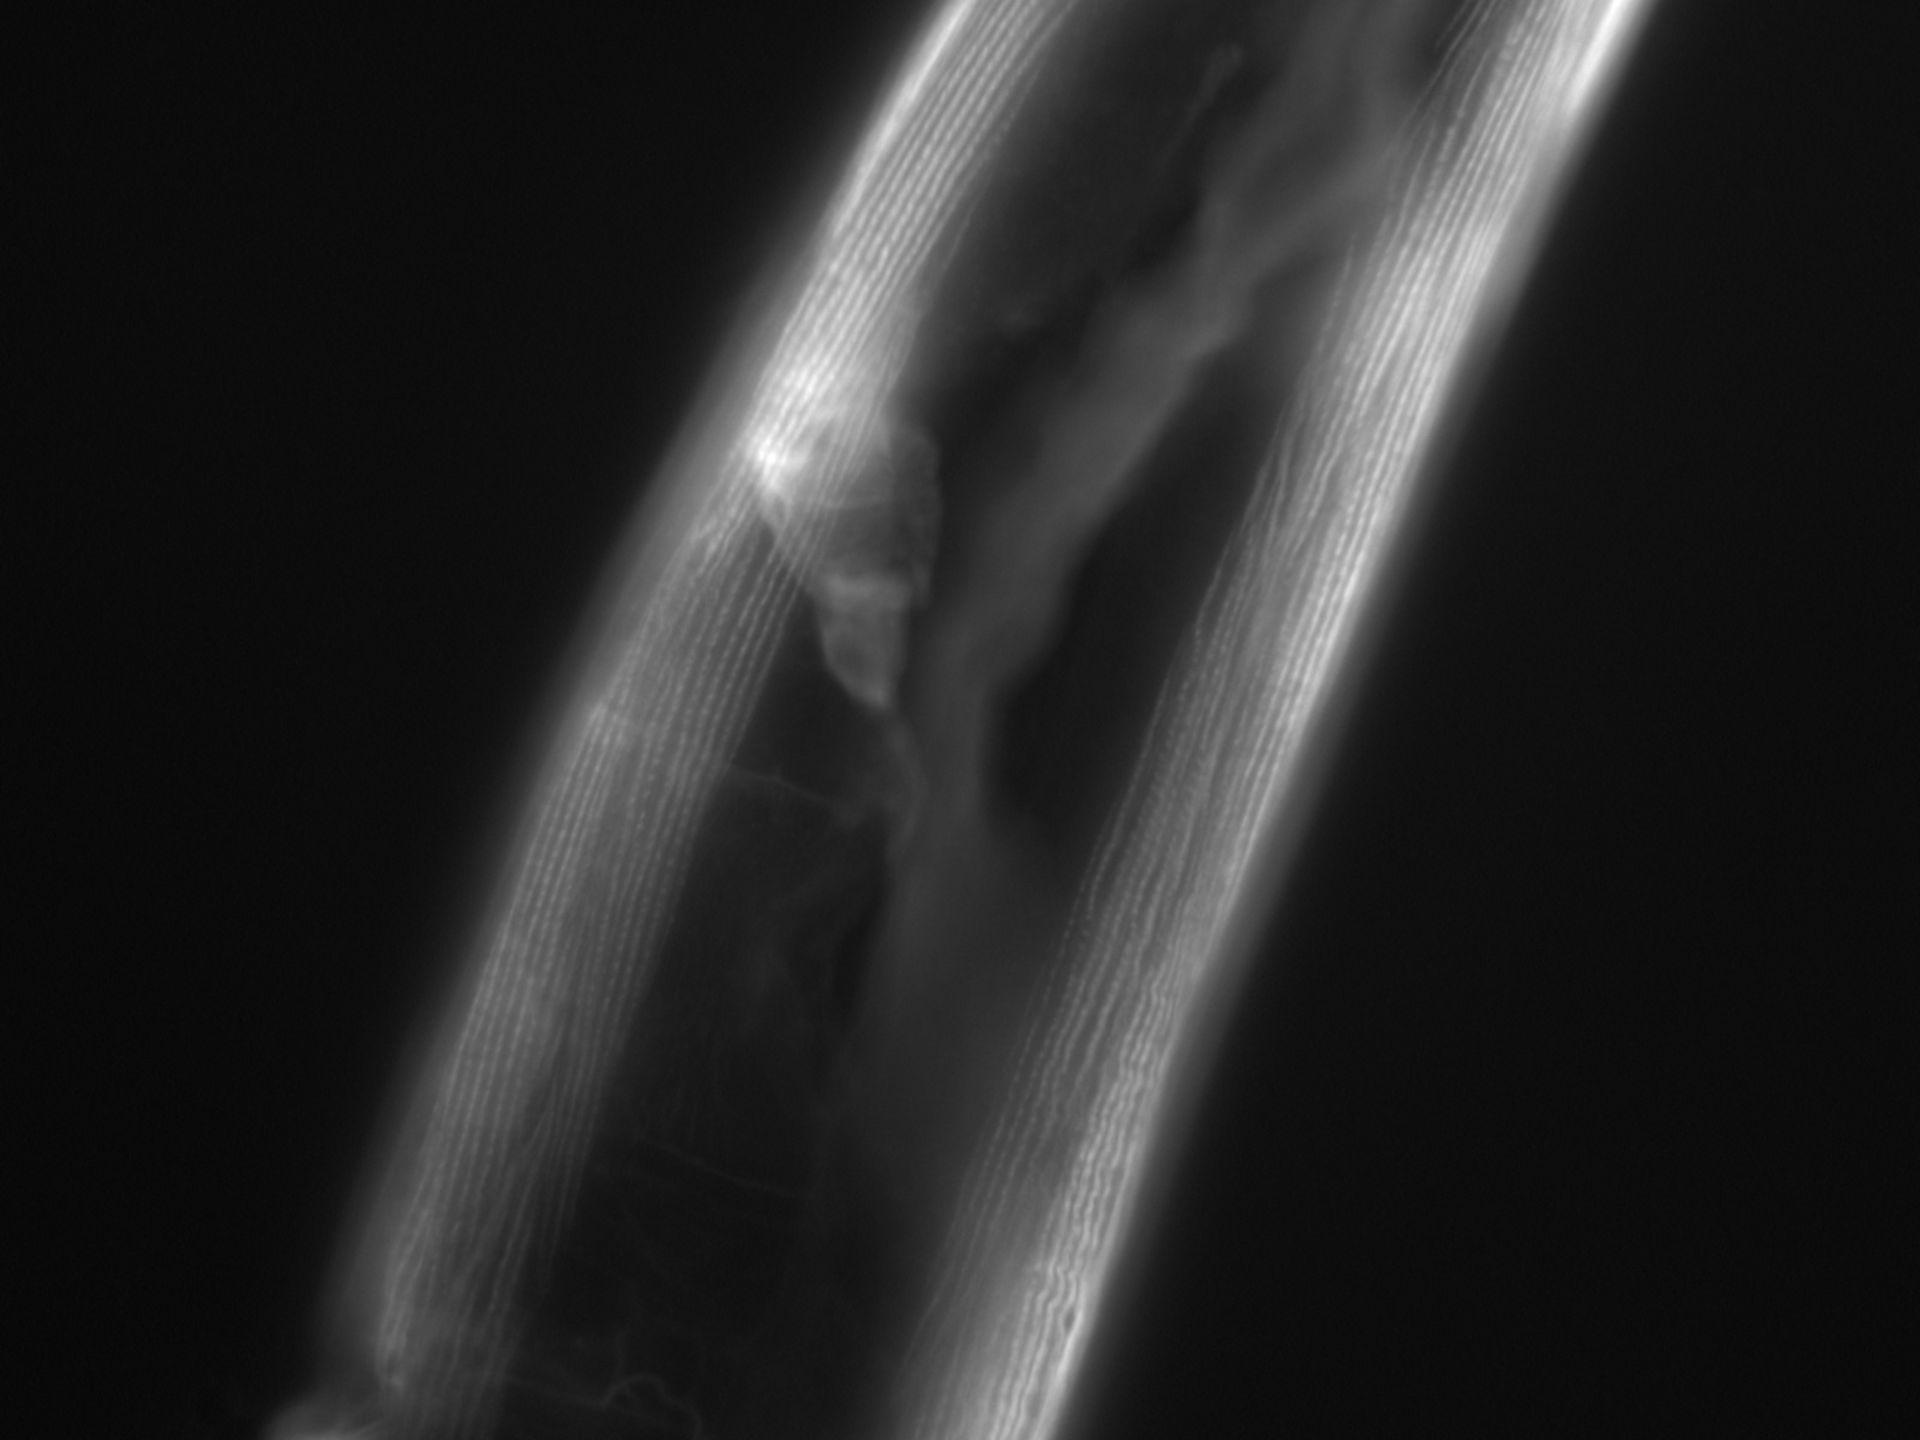 Caenorhabditis elegans (filamento di actina) - CIL:1064